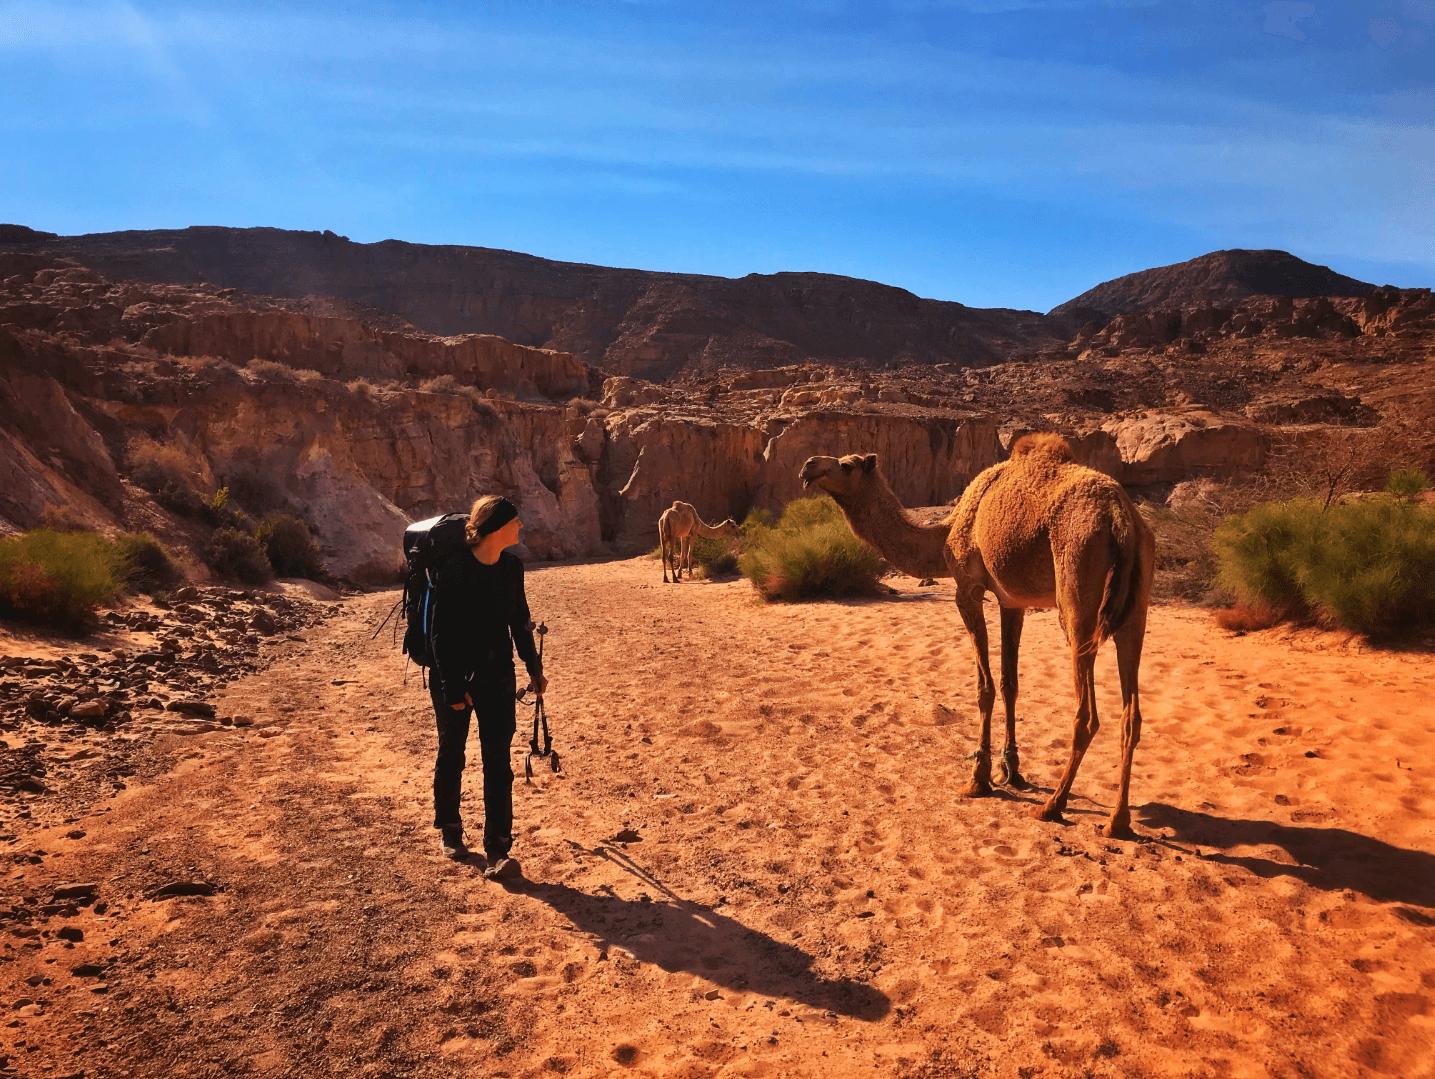 Kameel in wadi